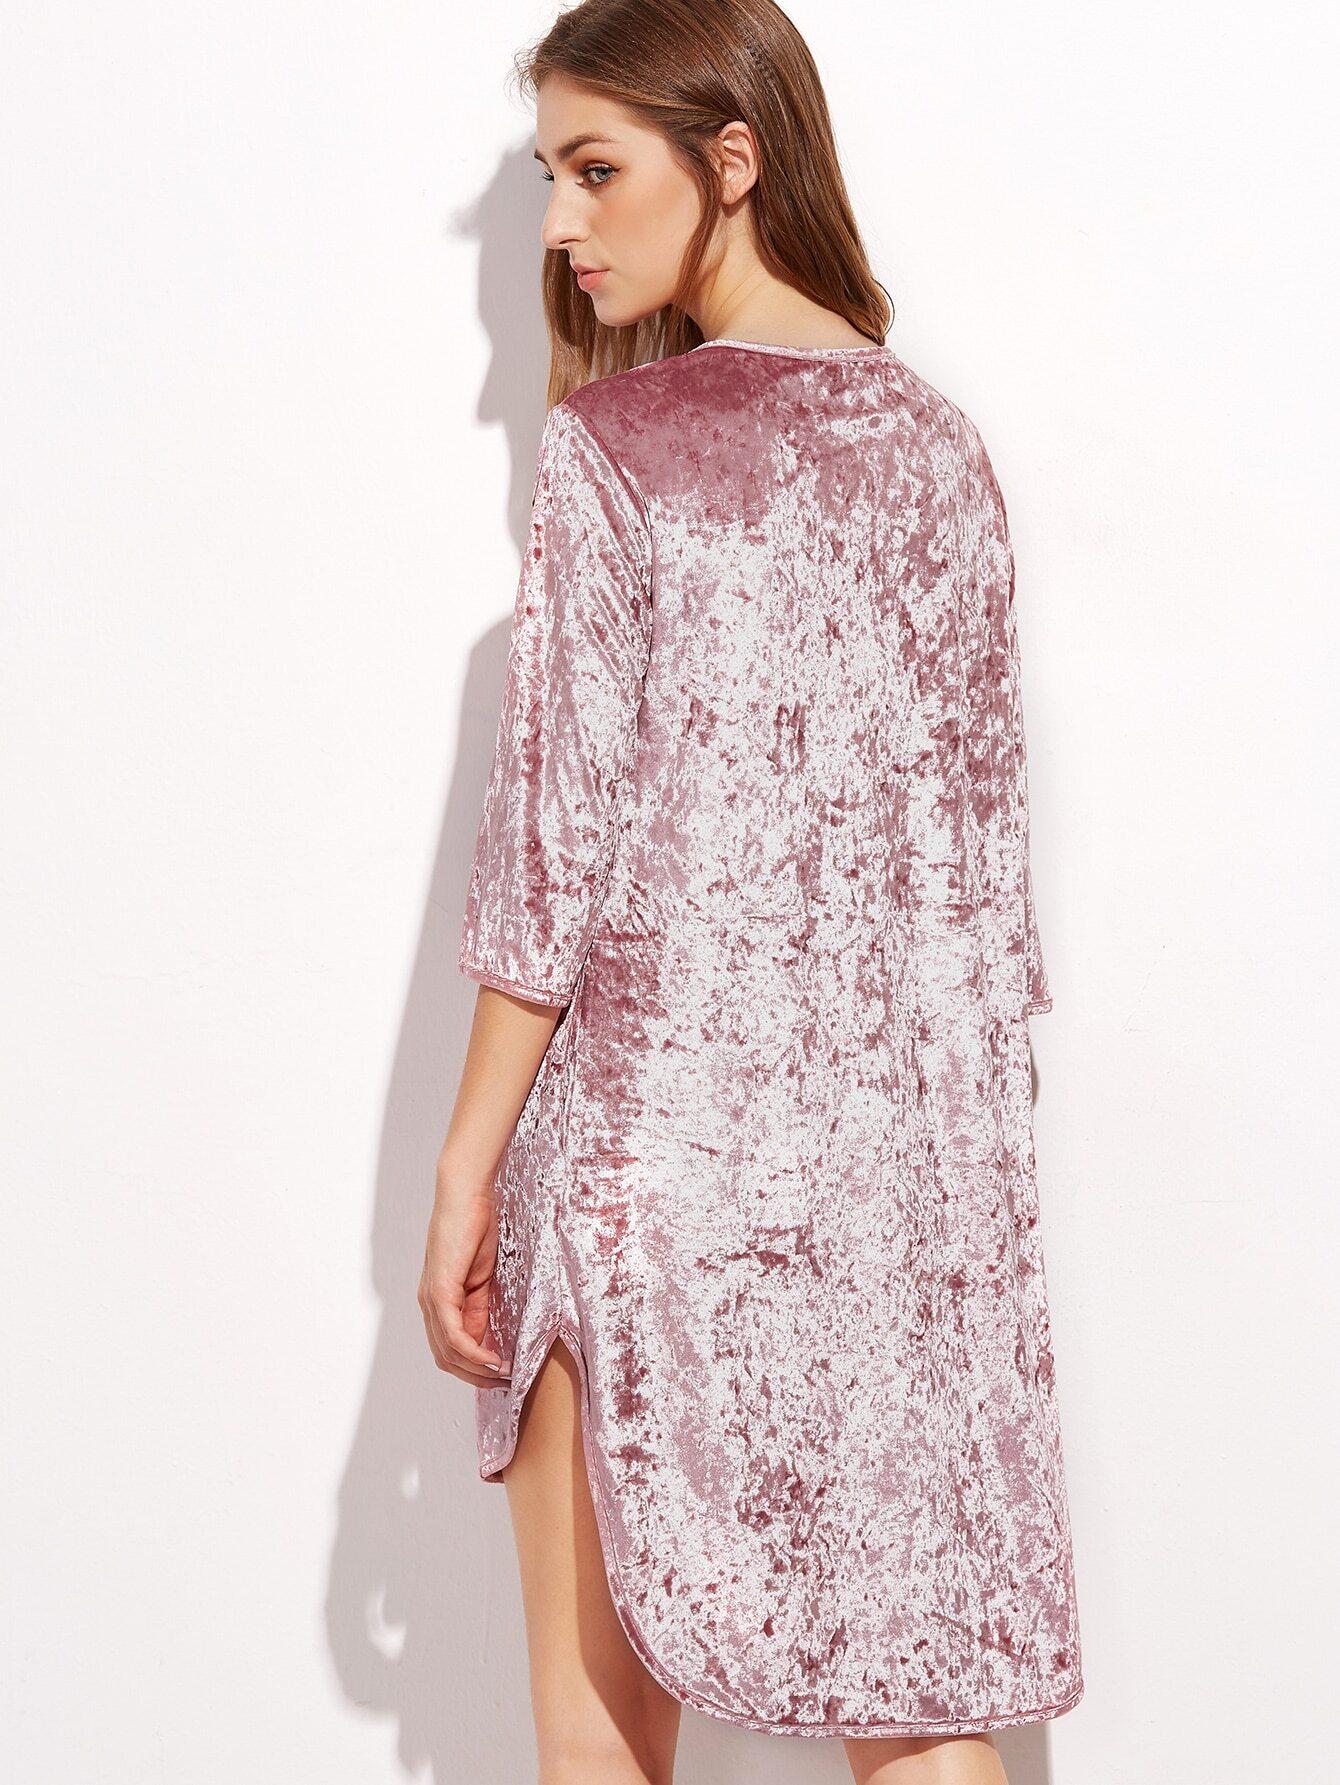 dress161010705_3